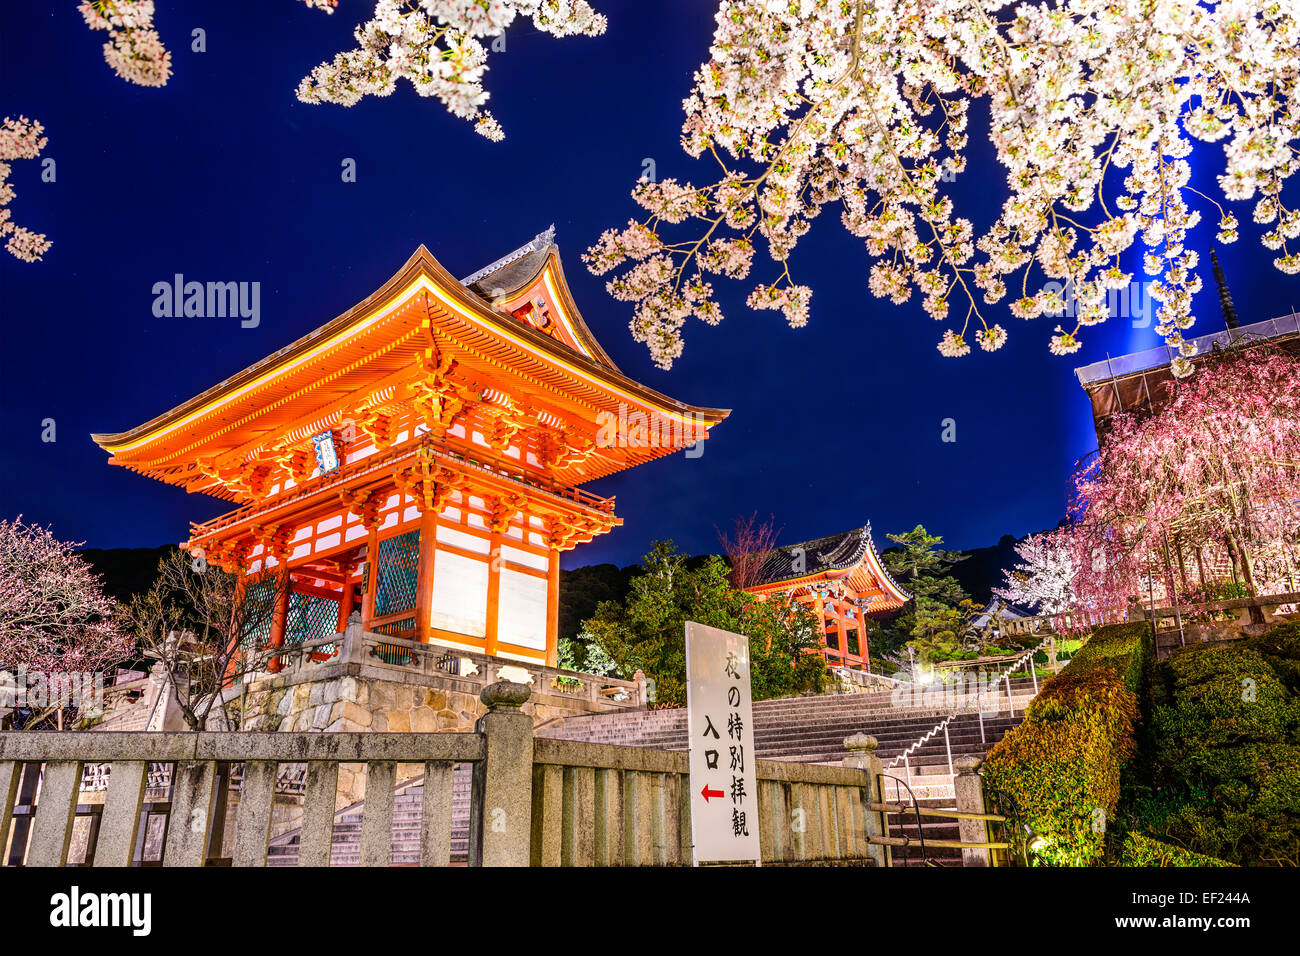 Kyoto, Japan am Kiyomizu-Dera Schrein im Frühjahr. Stockfoto